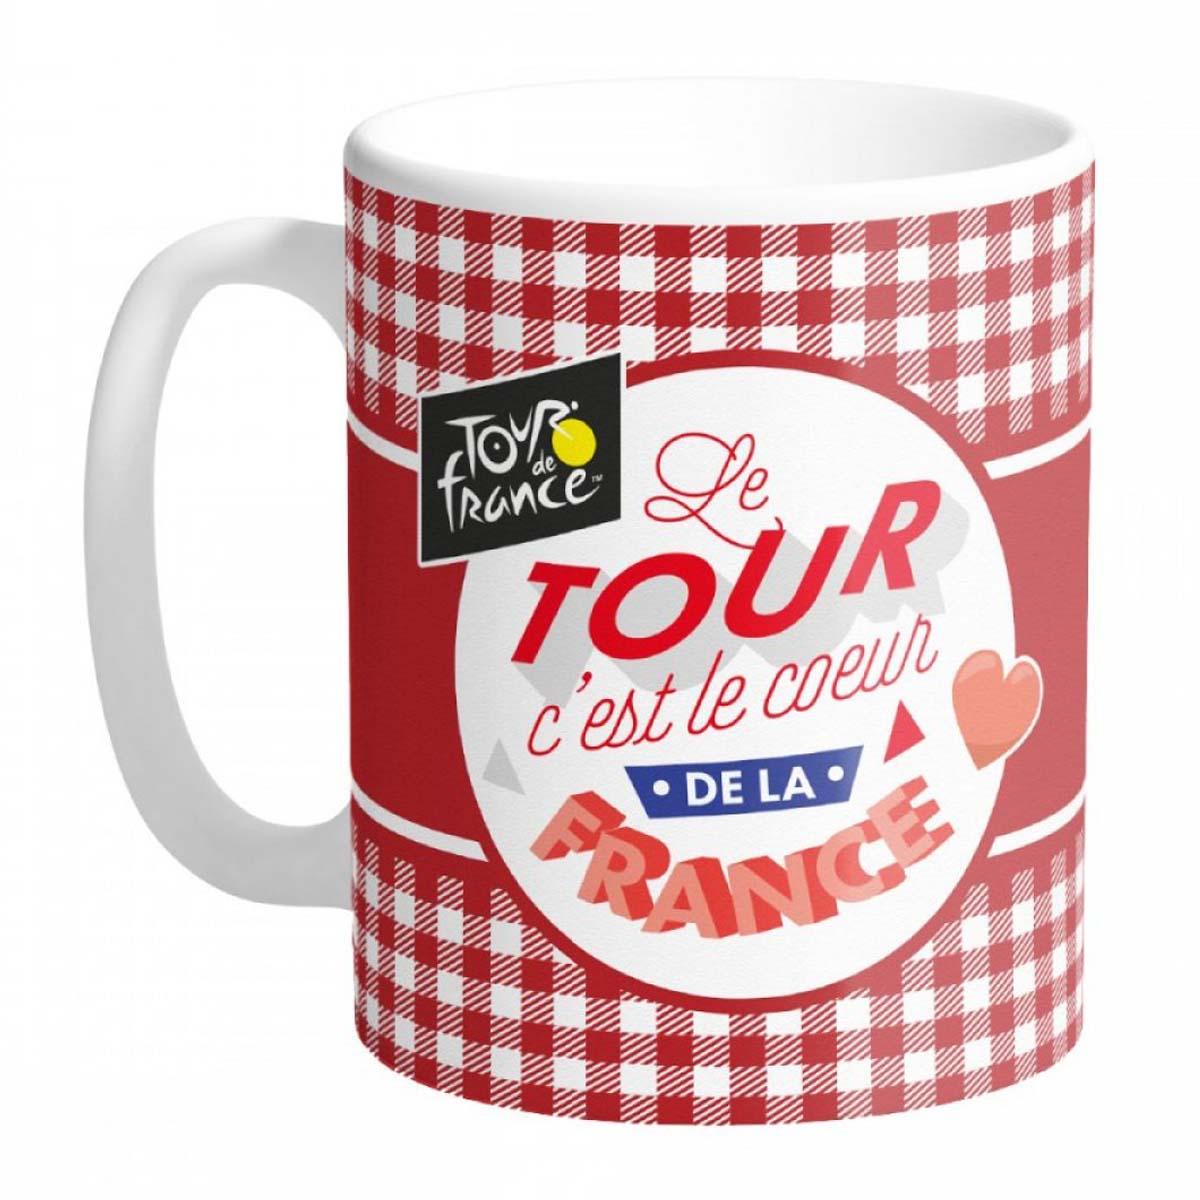 Mug céramique \'Tour de France\' carreaux rouges (c\'est le coeur de la France) - 95x80 mm - [A0857]